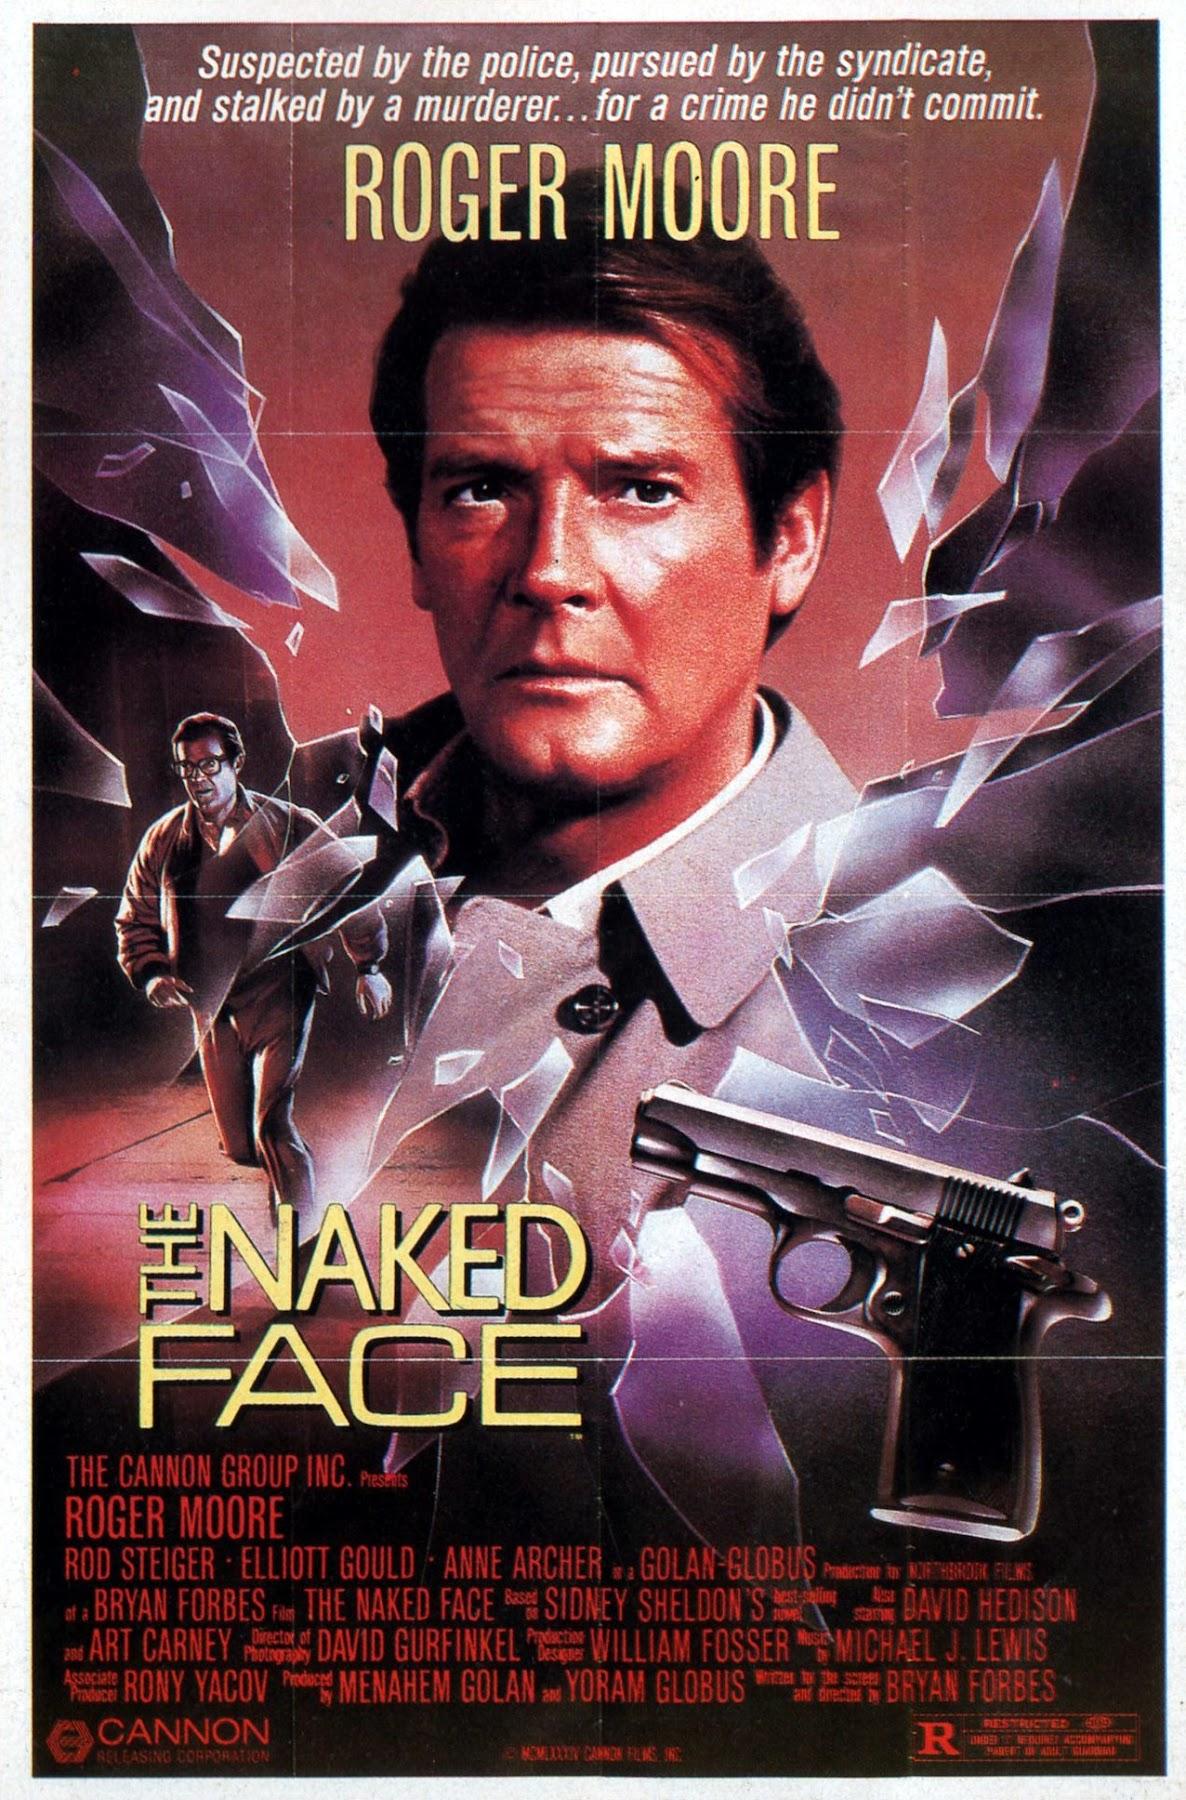 http://4.bp.blogspot.com/-sD2OvsKXJ-Q/UPC1dE7Ub5I/AAAAAAAAQ3c/Zr9qvKHiiBw/s1800/1984+-+A+cara+descubierta+-+The+Naked+Face+-+USA.jpg